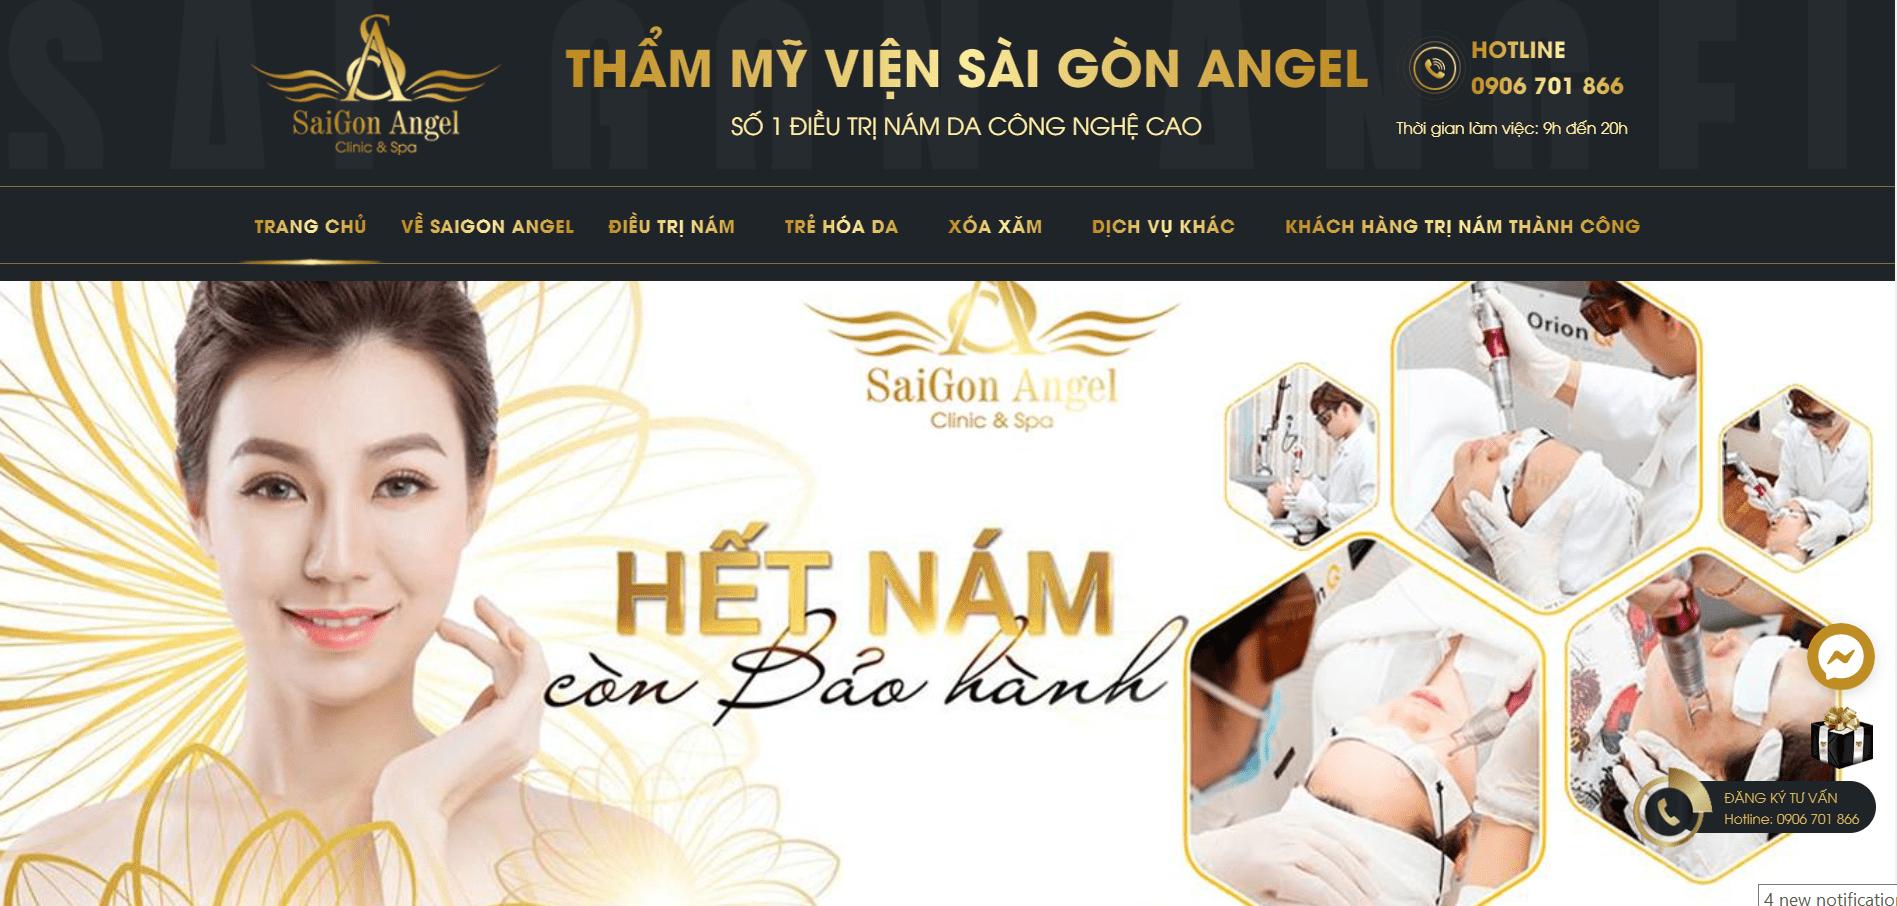 thẩm mỹ viện Sài Gòn